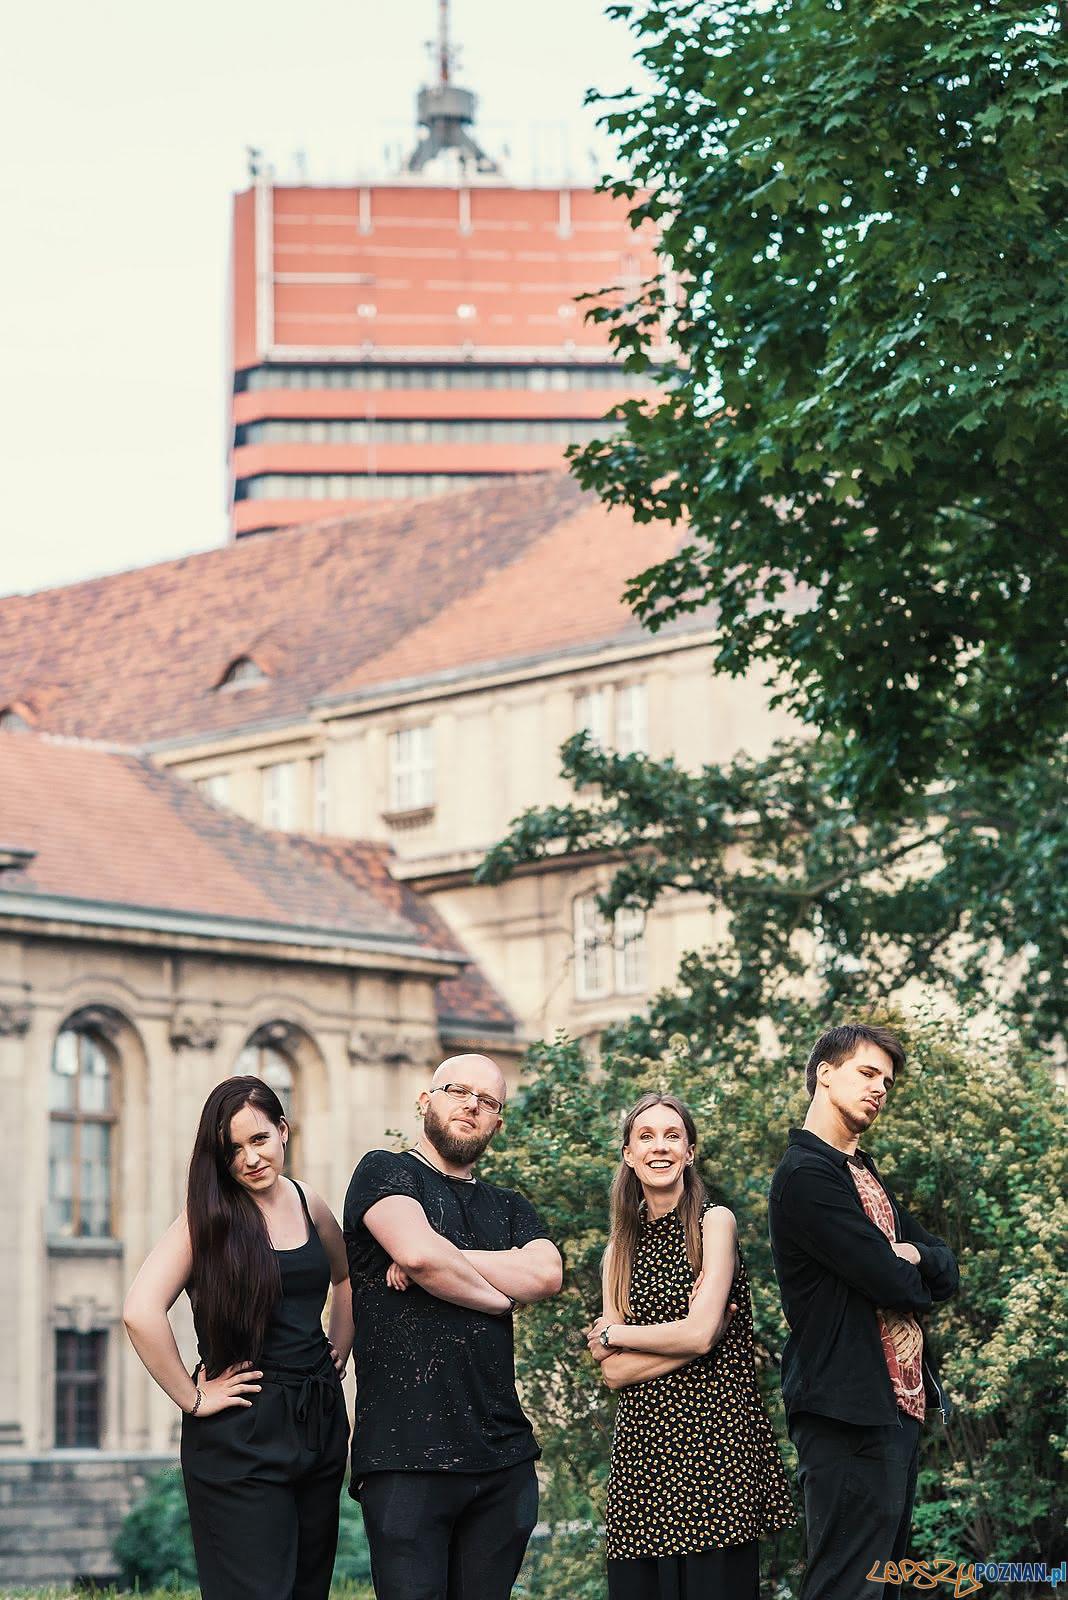 Snutne piosenki  Foto: Natalia Nowak / materiały prasowe